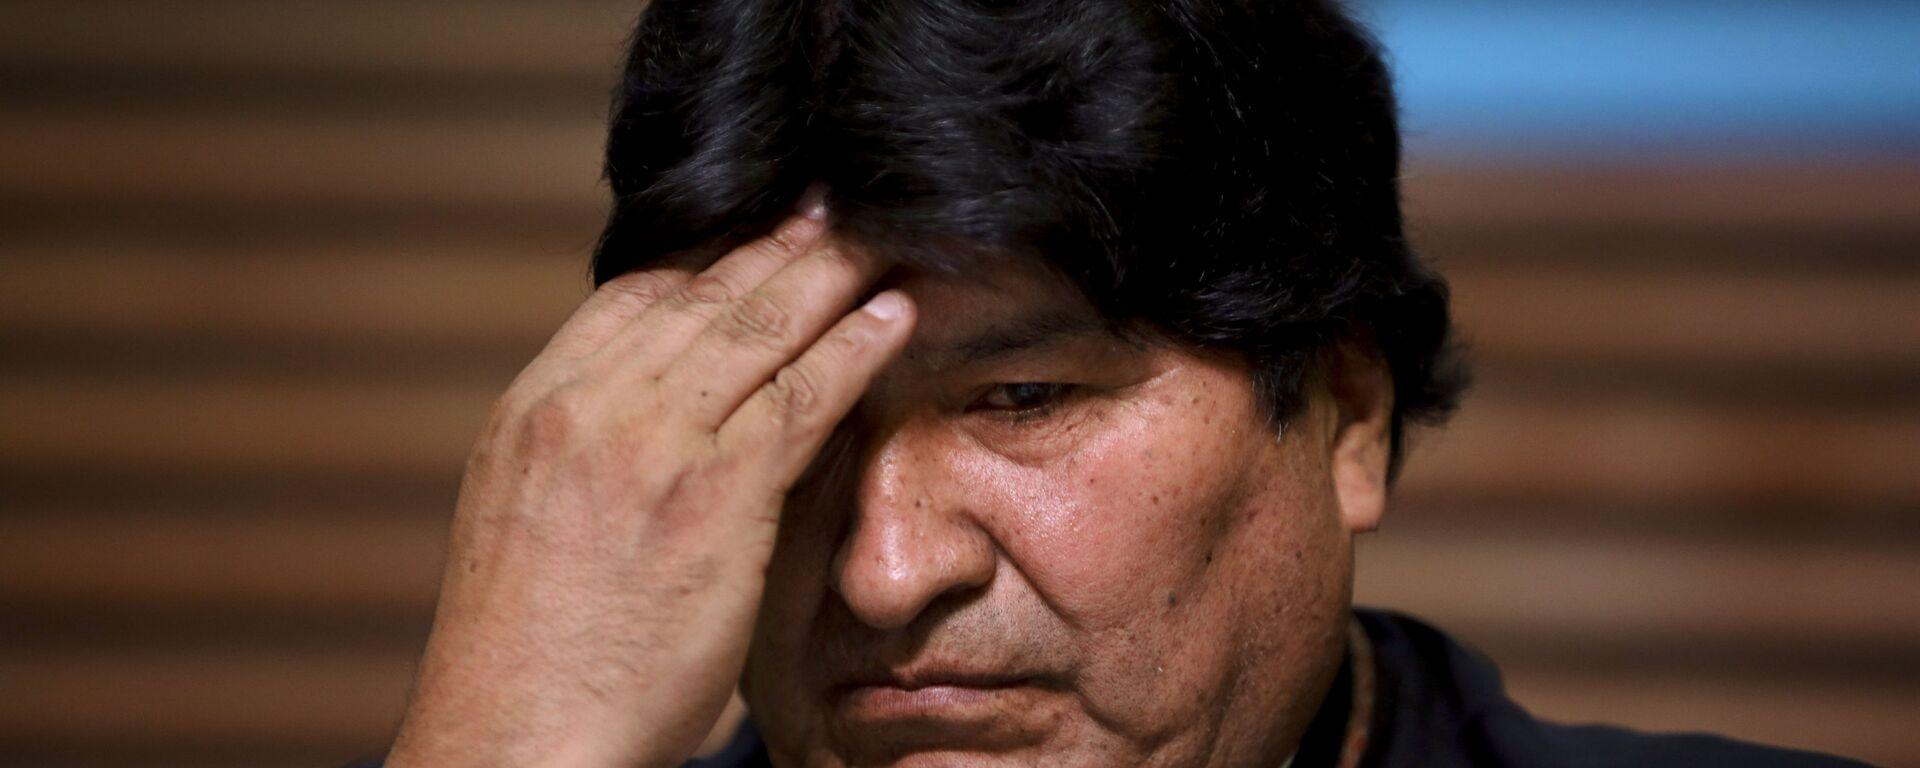 Evo Morales, expresidente de Bolivia - Sputnik Mundo, 1920, 25.03.2021